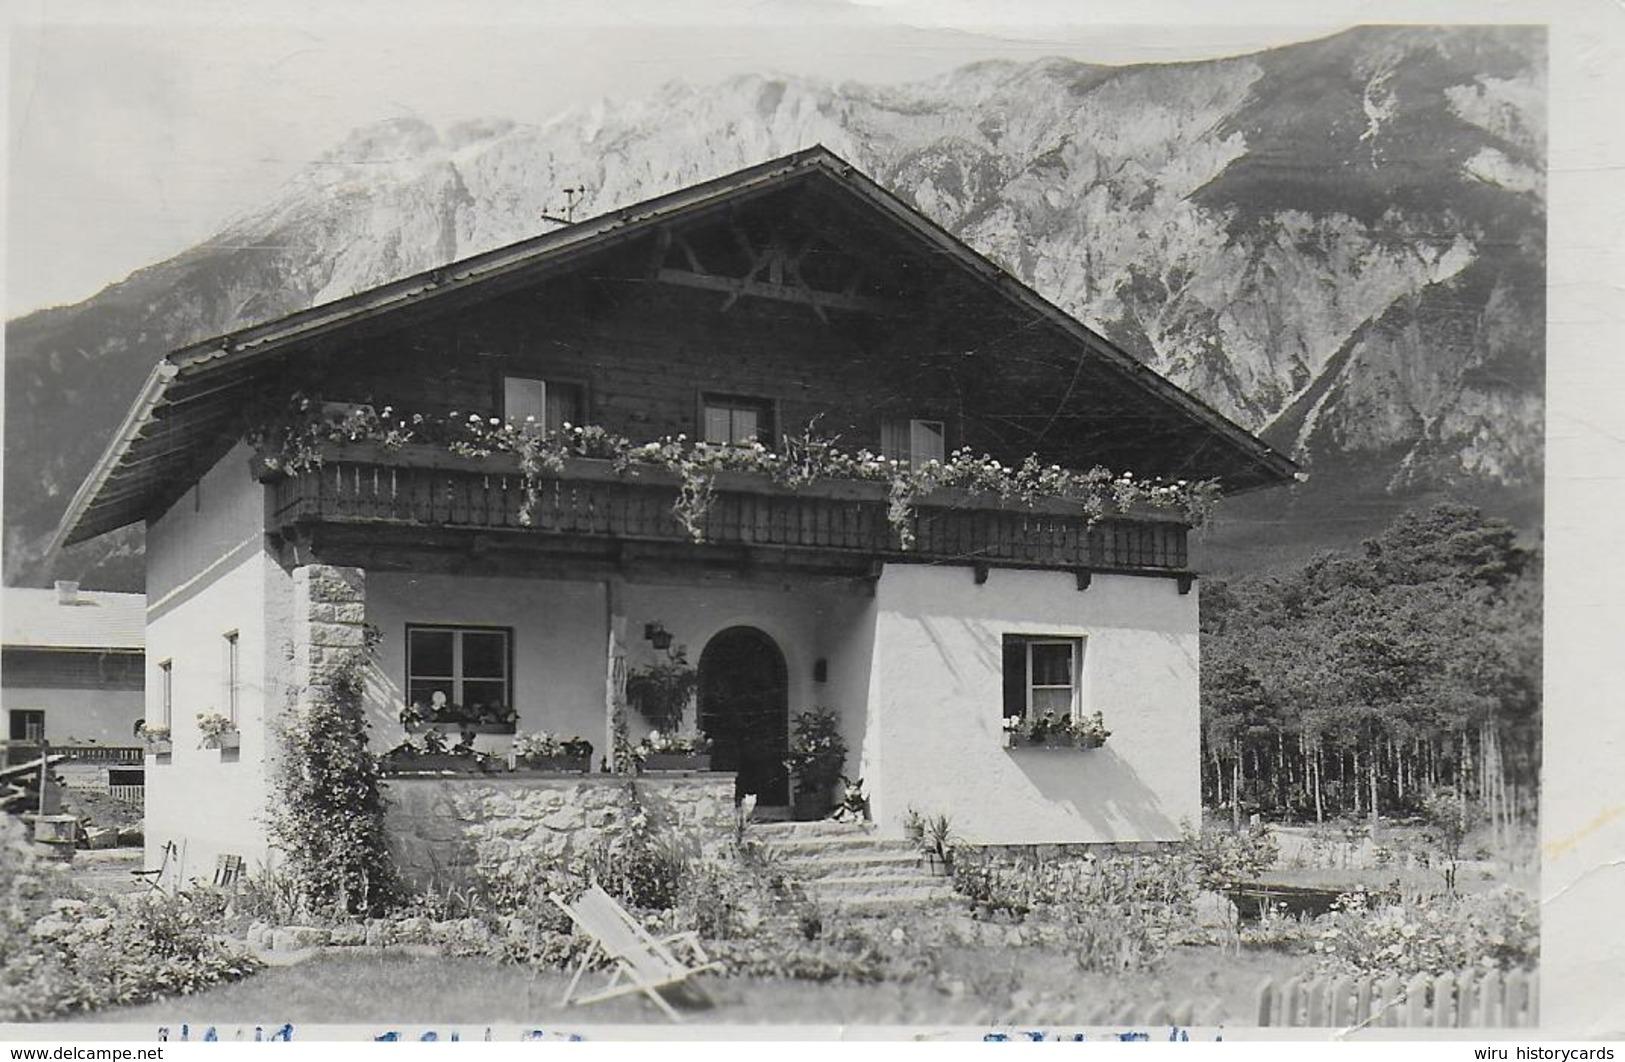 AK 0233  Ötztal - Haus Zoller Um 1950-60 - Oetz